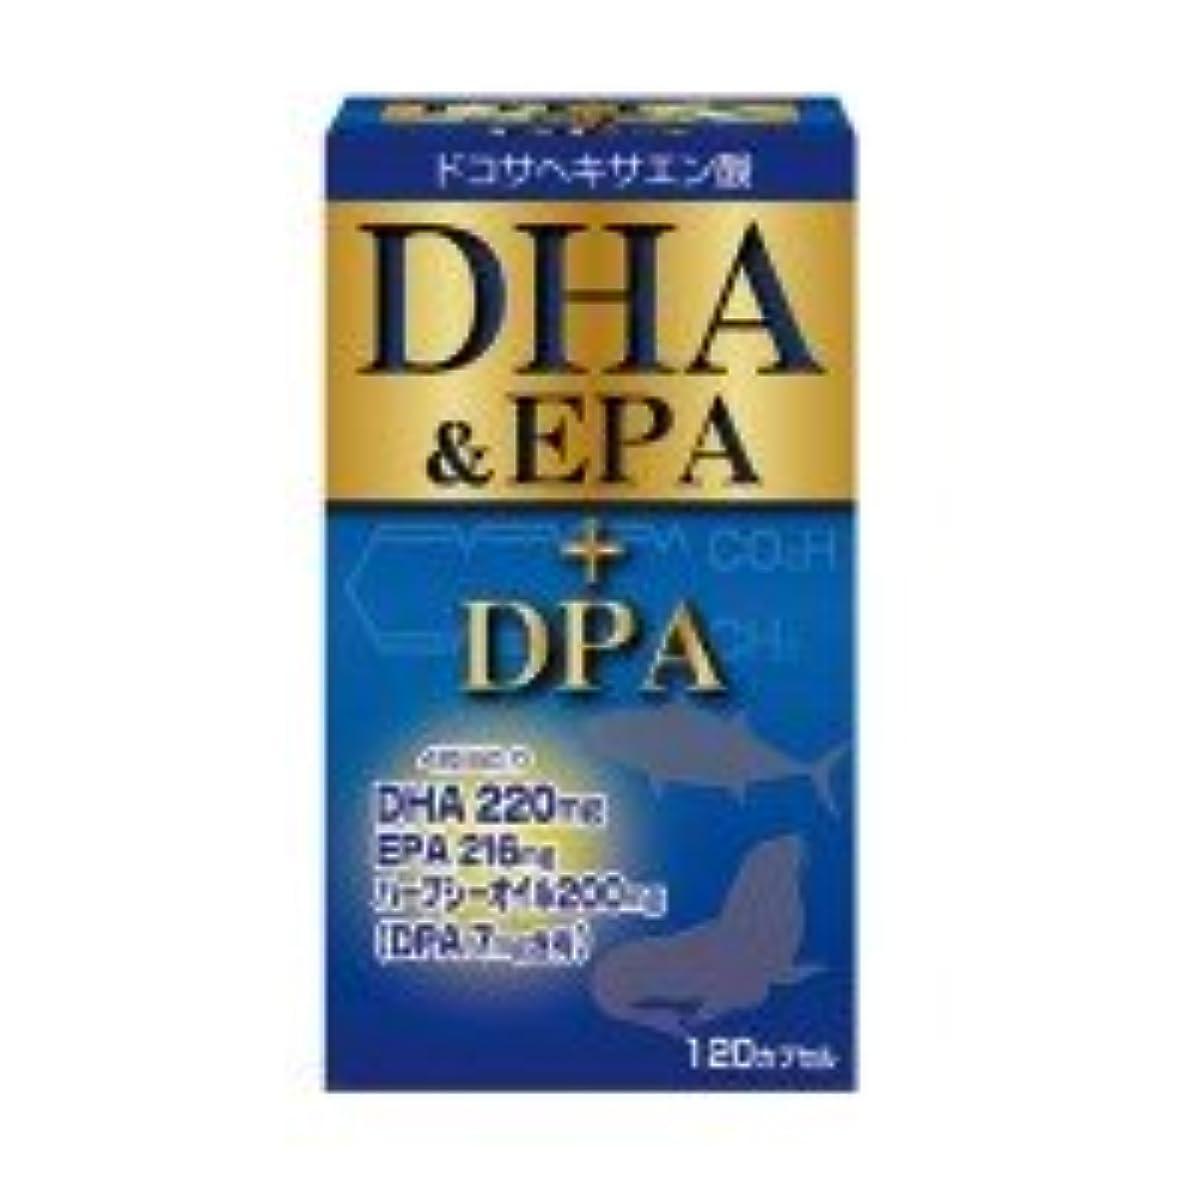 抽出好色なスイッチユーワ DHA&EPA+DPA 120カプセル (品番:3091)